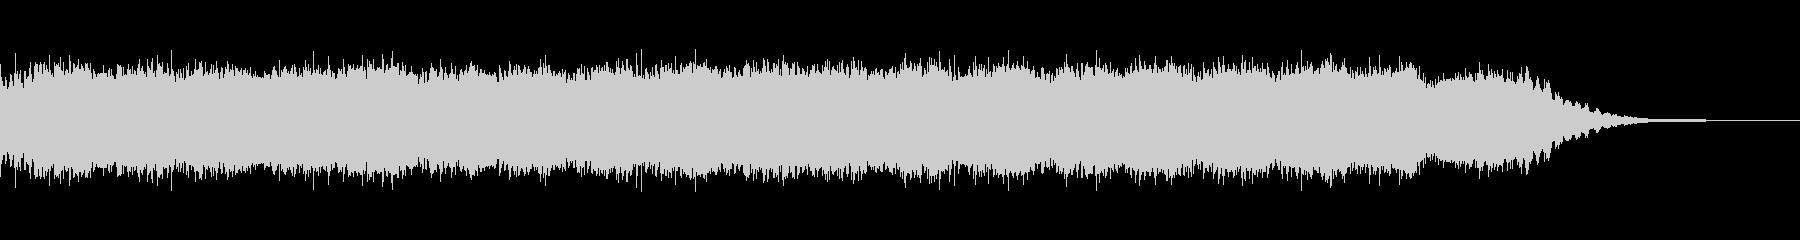 神秘的なピアノ・アンビエントの未再生の波形